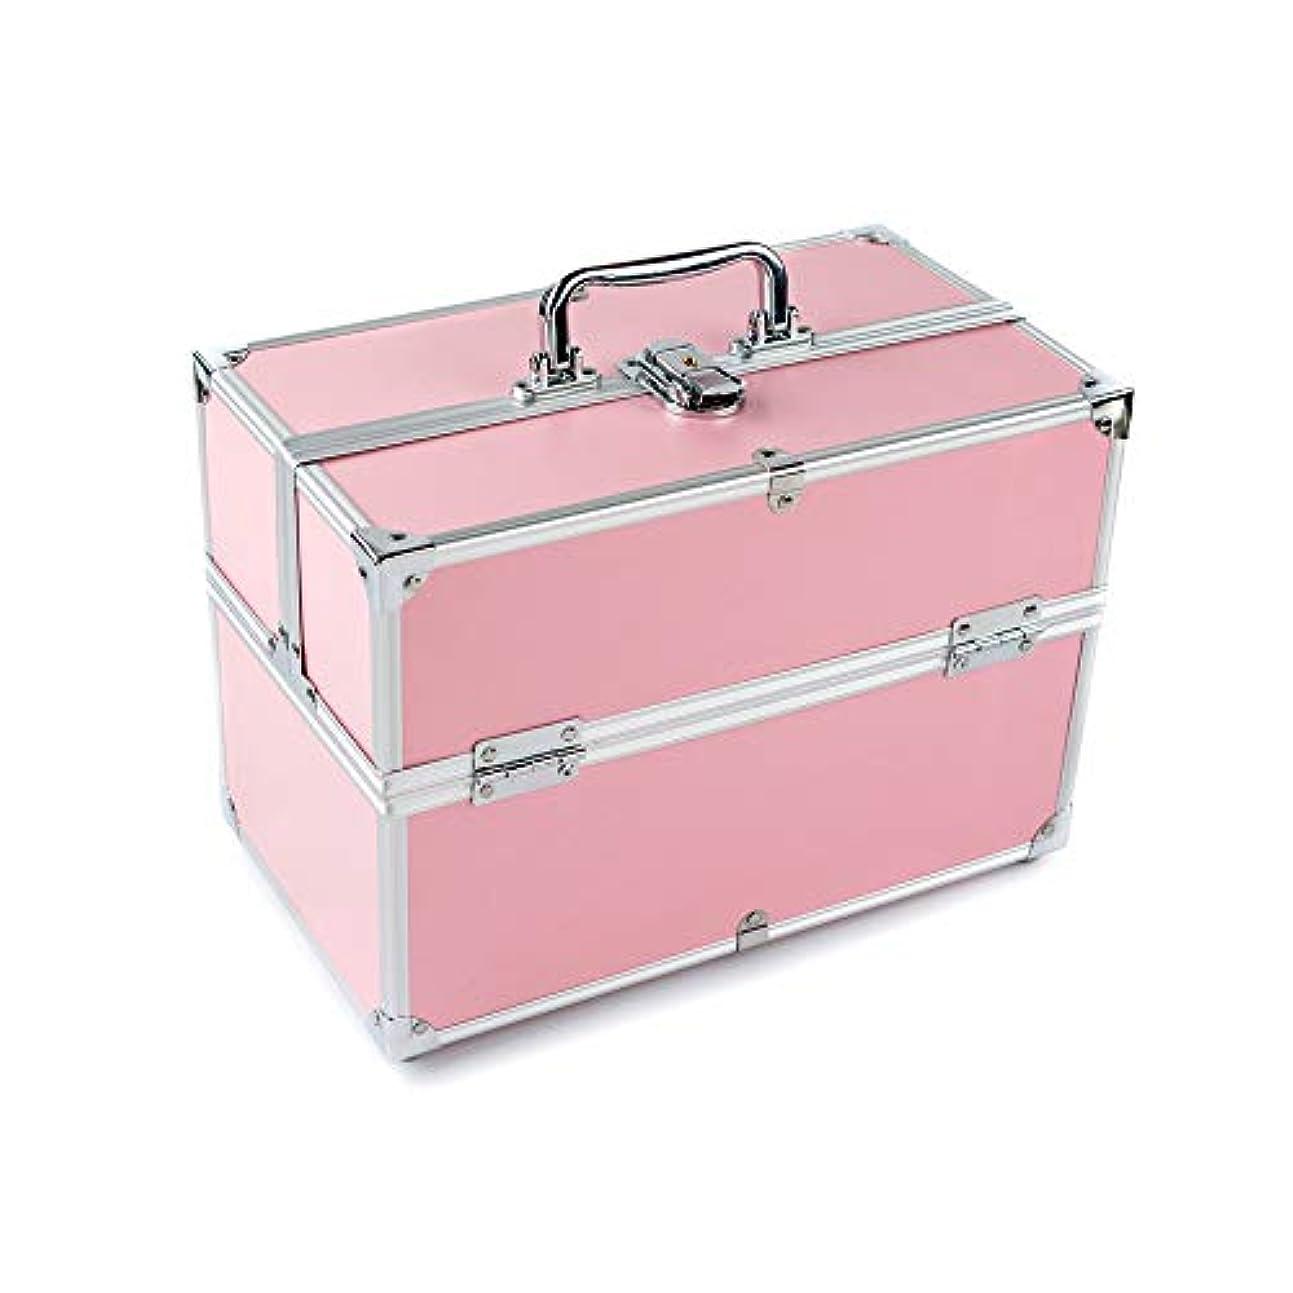 バランスのとれた標準シェルター特大スペース収納ビューティーボックス 美の構造のためそしてジッパーおよび折る皿が付いている女の子の女性旅行そして毎日の貯蔵のための高容量の携帯用化粧品袋 化粧品化粧台 (色 : ピンク)